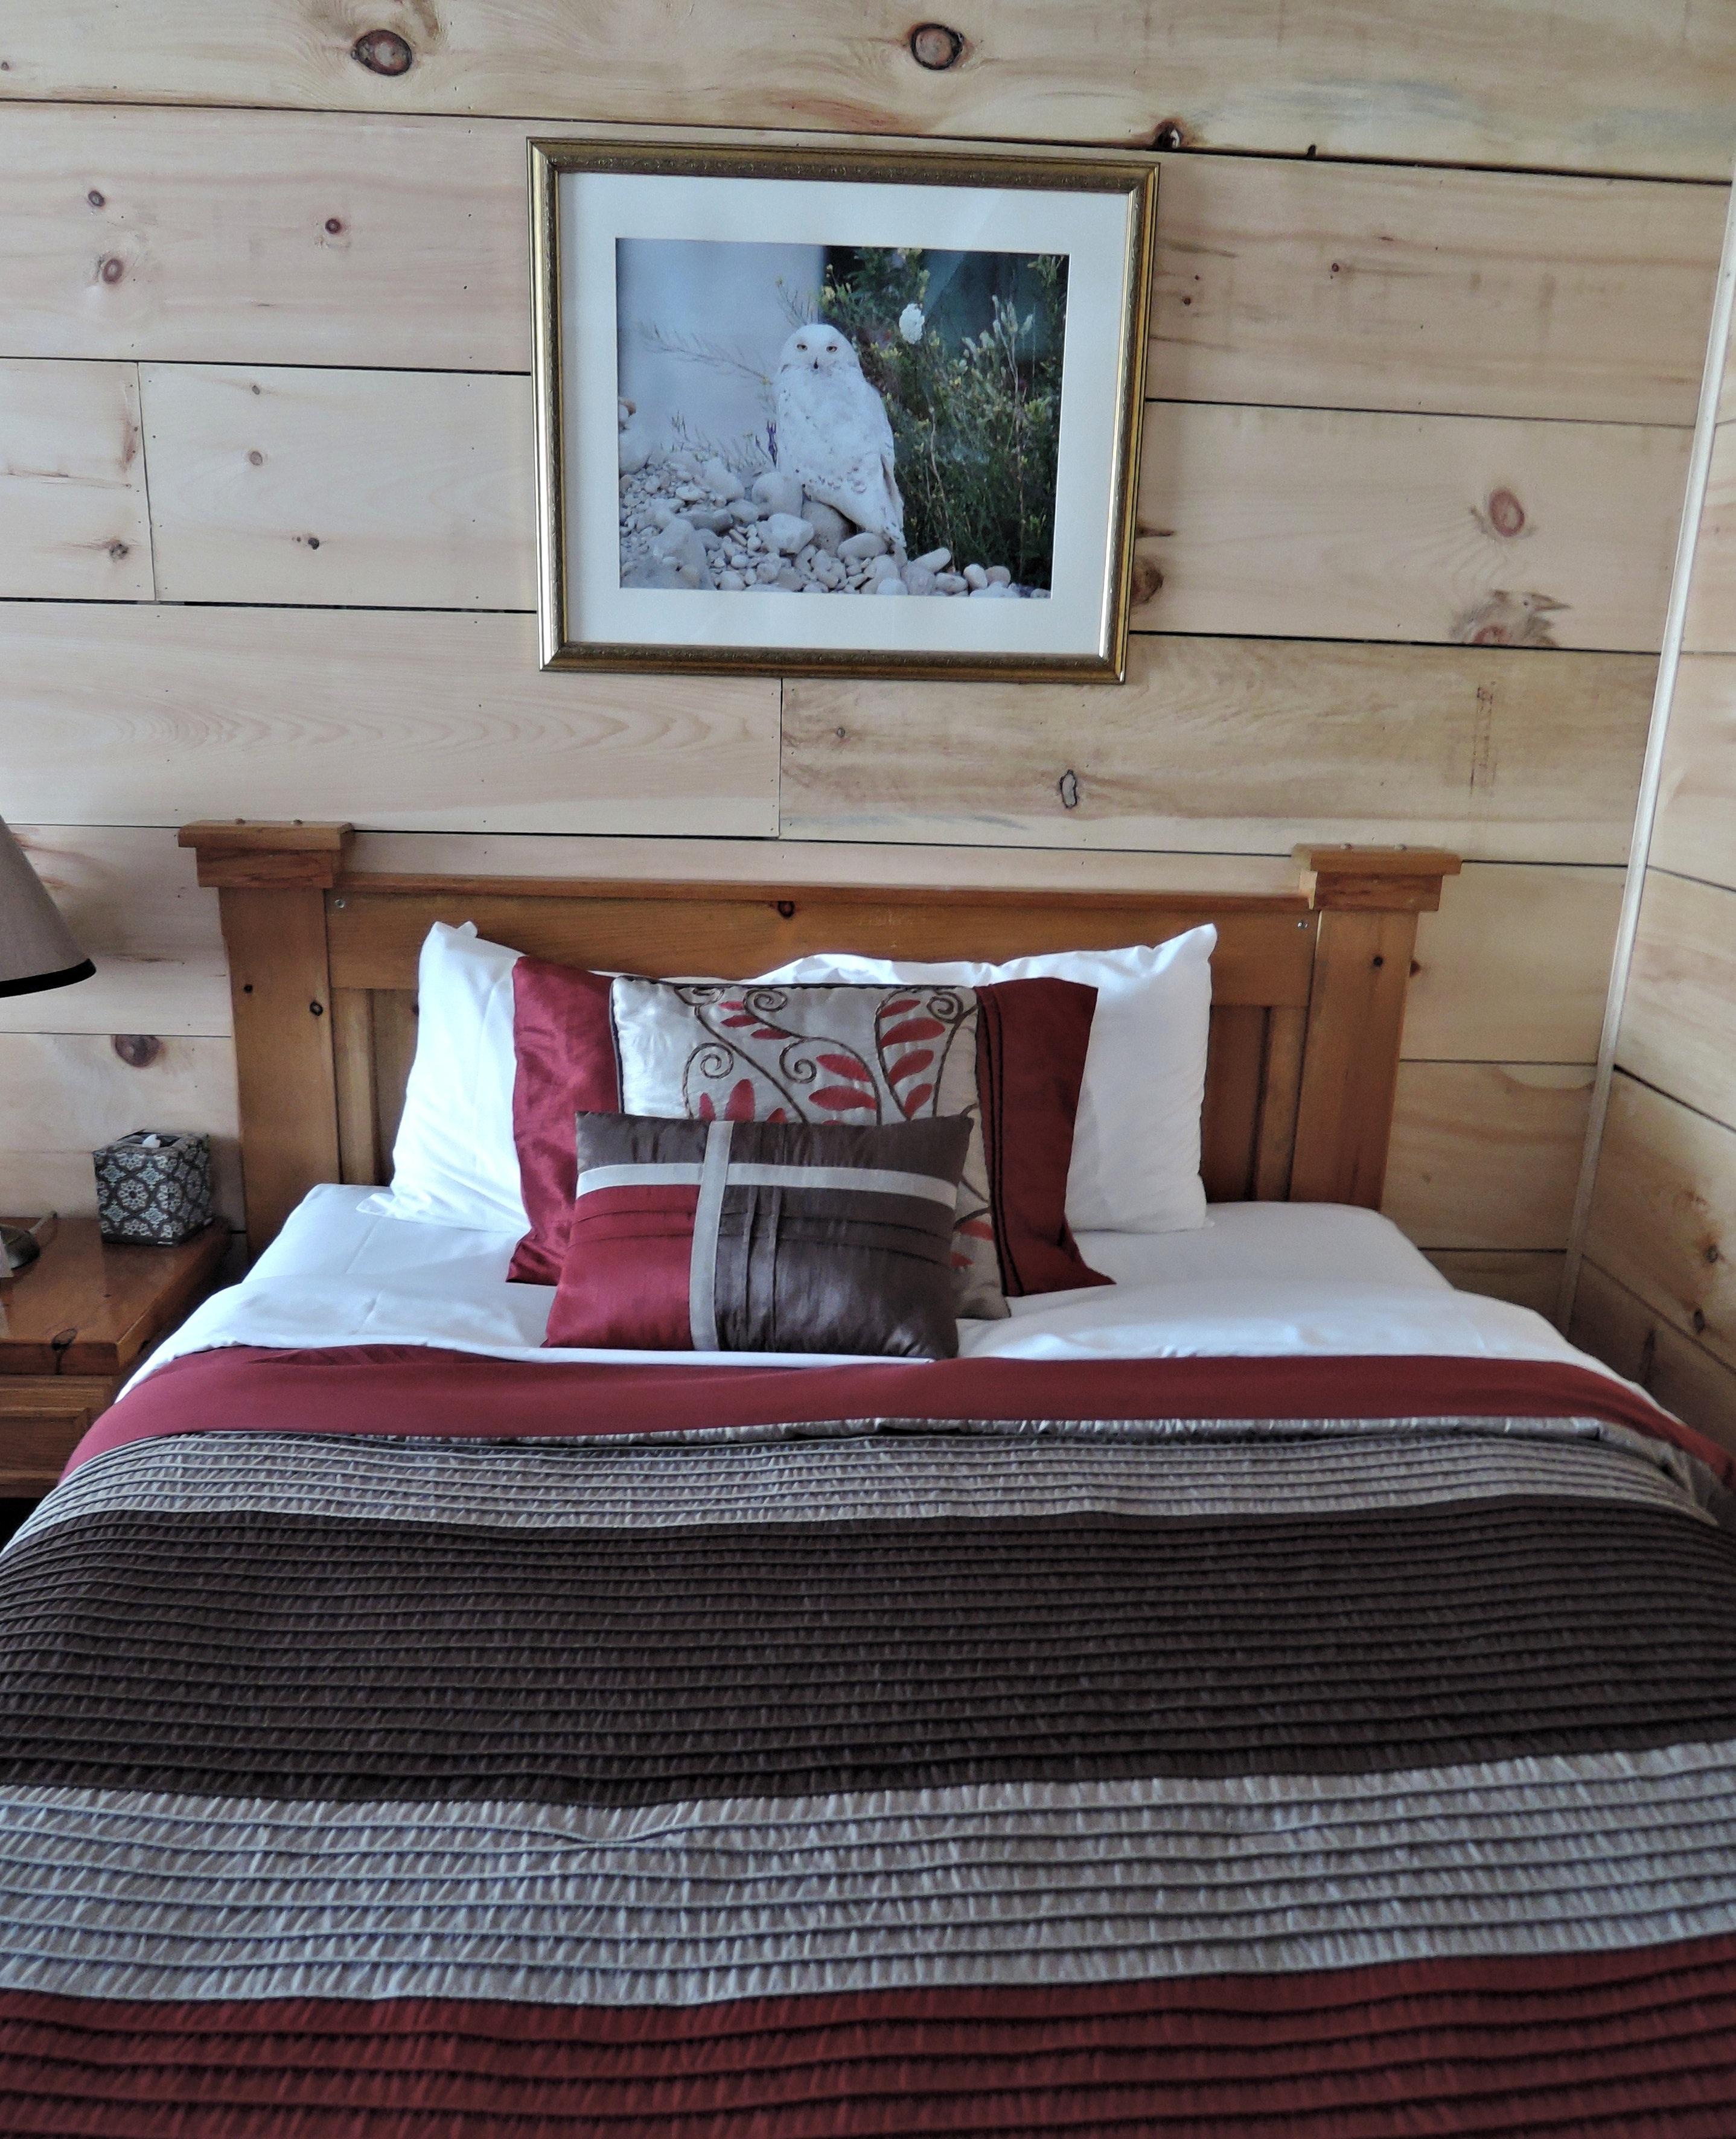 Holz Haus Stock Zuhause Hütte Eigentum Wohnzimmer Möbel Zimmer Bunt  Schlafzimmer Innenarchitektur Bett Bodenbelag Bettdecke Holzmöbel